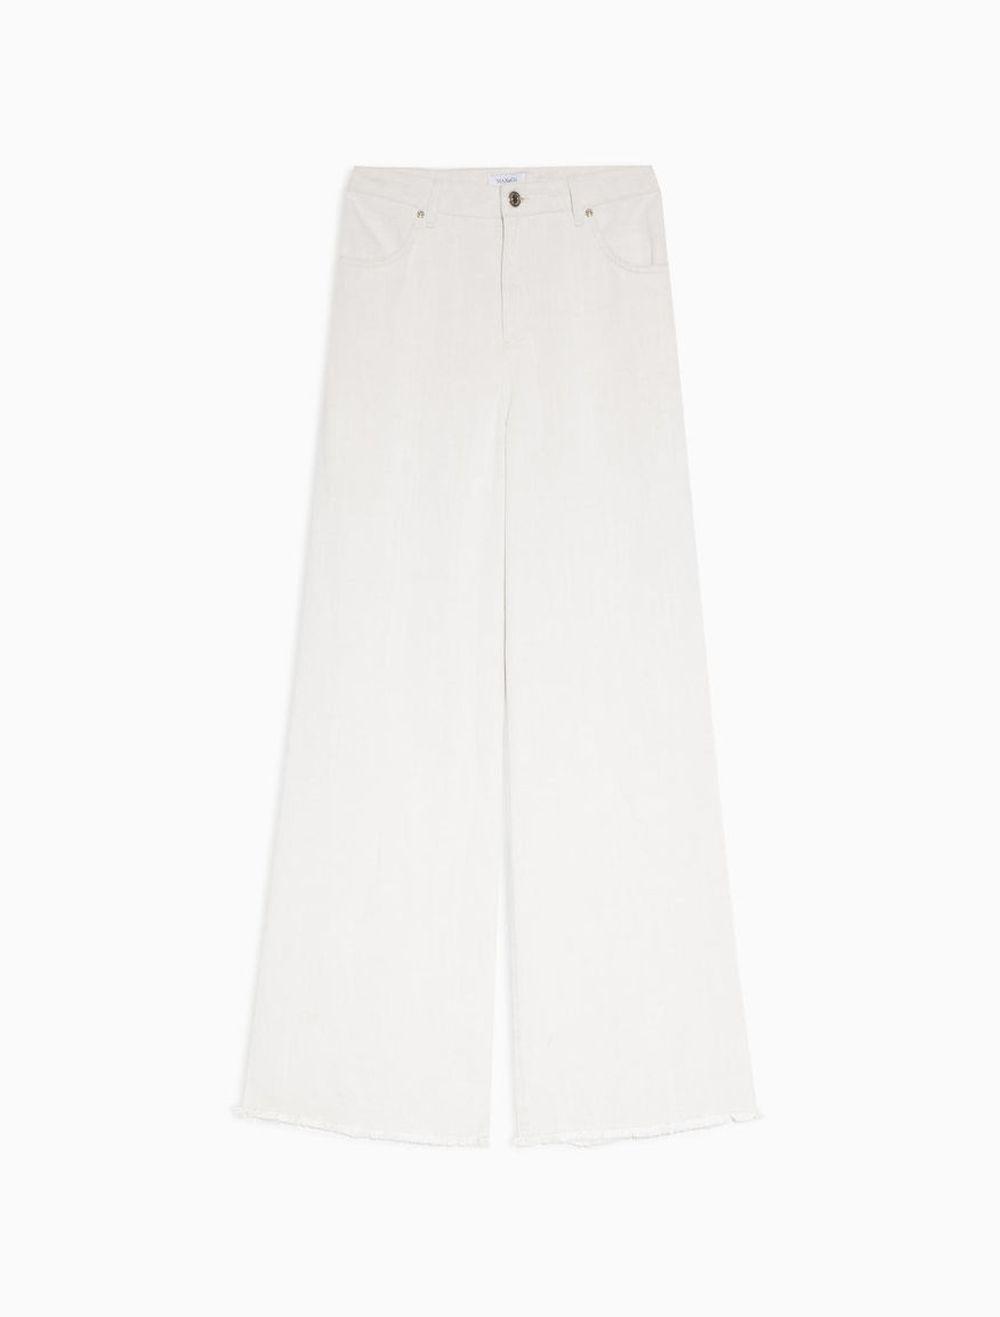 Pantalón de Max&Co (95 euros).